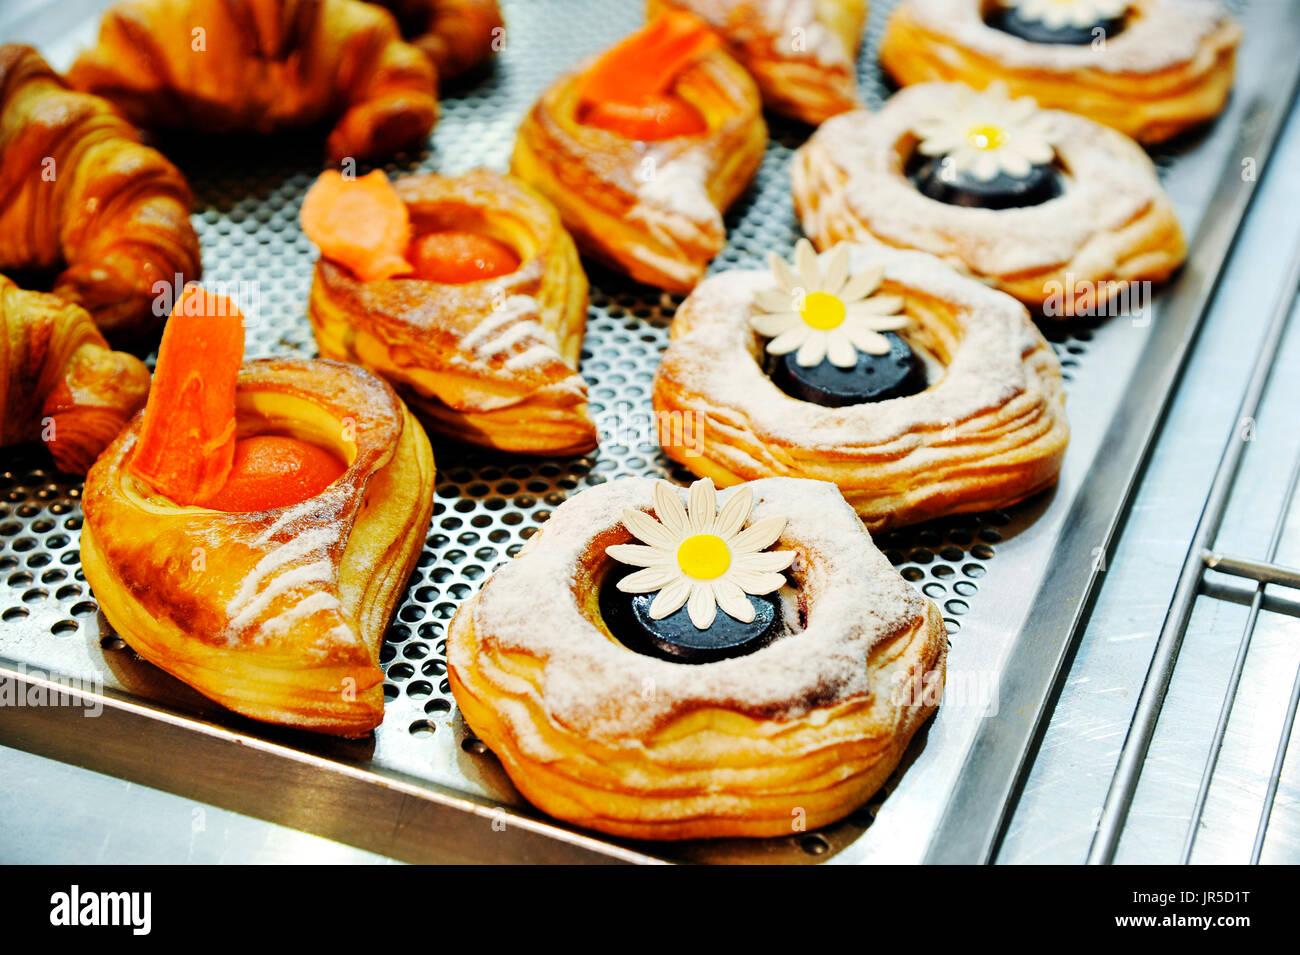 La pâtisserie française à Europain 2016, Villepinte, France Photo Stock